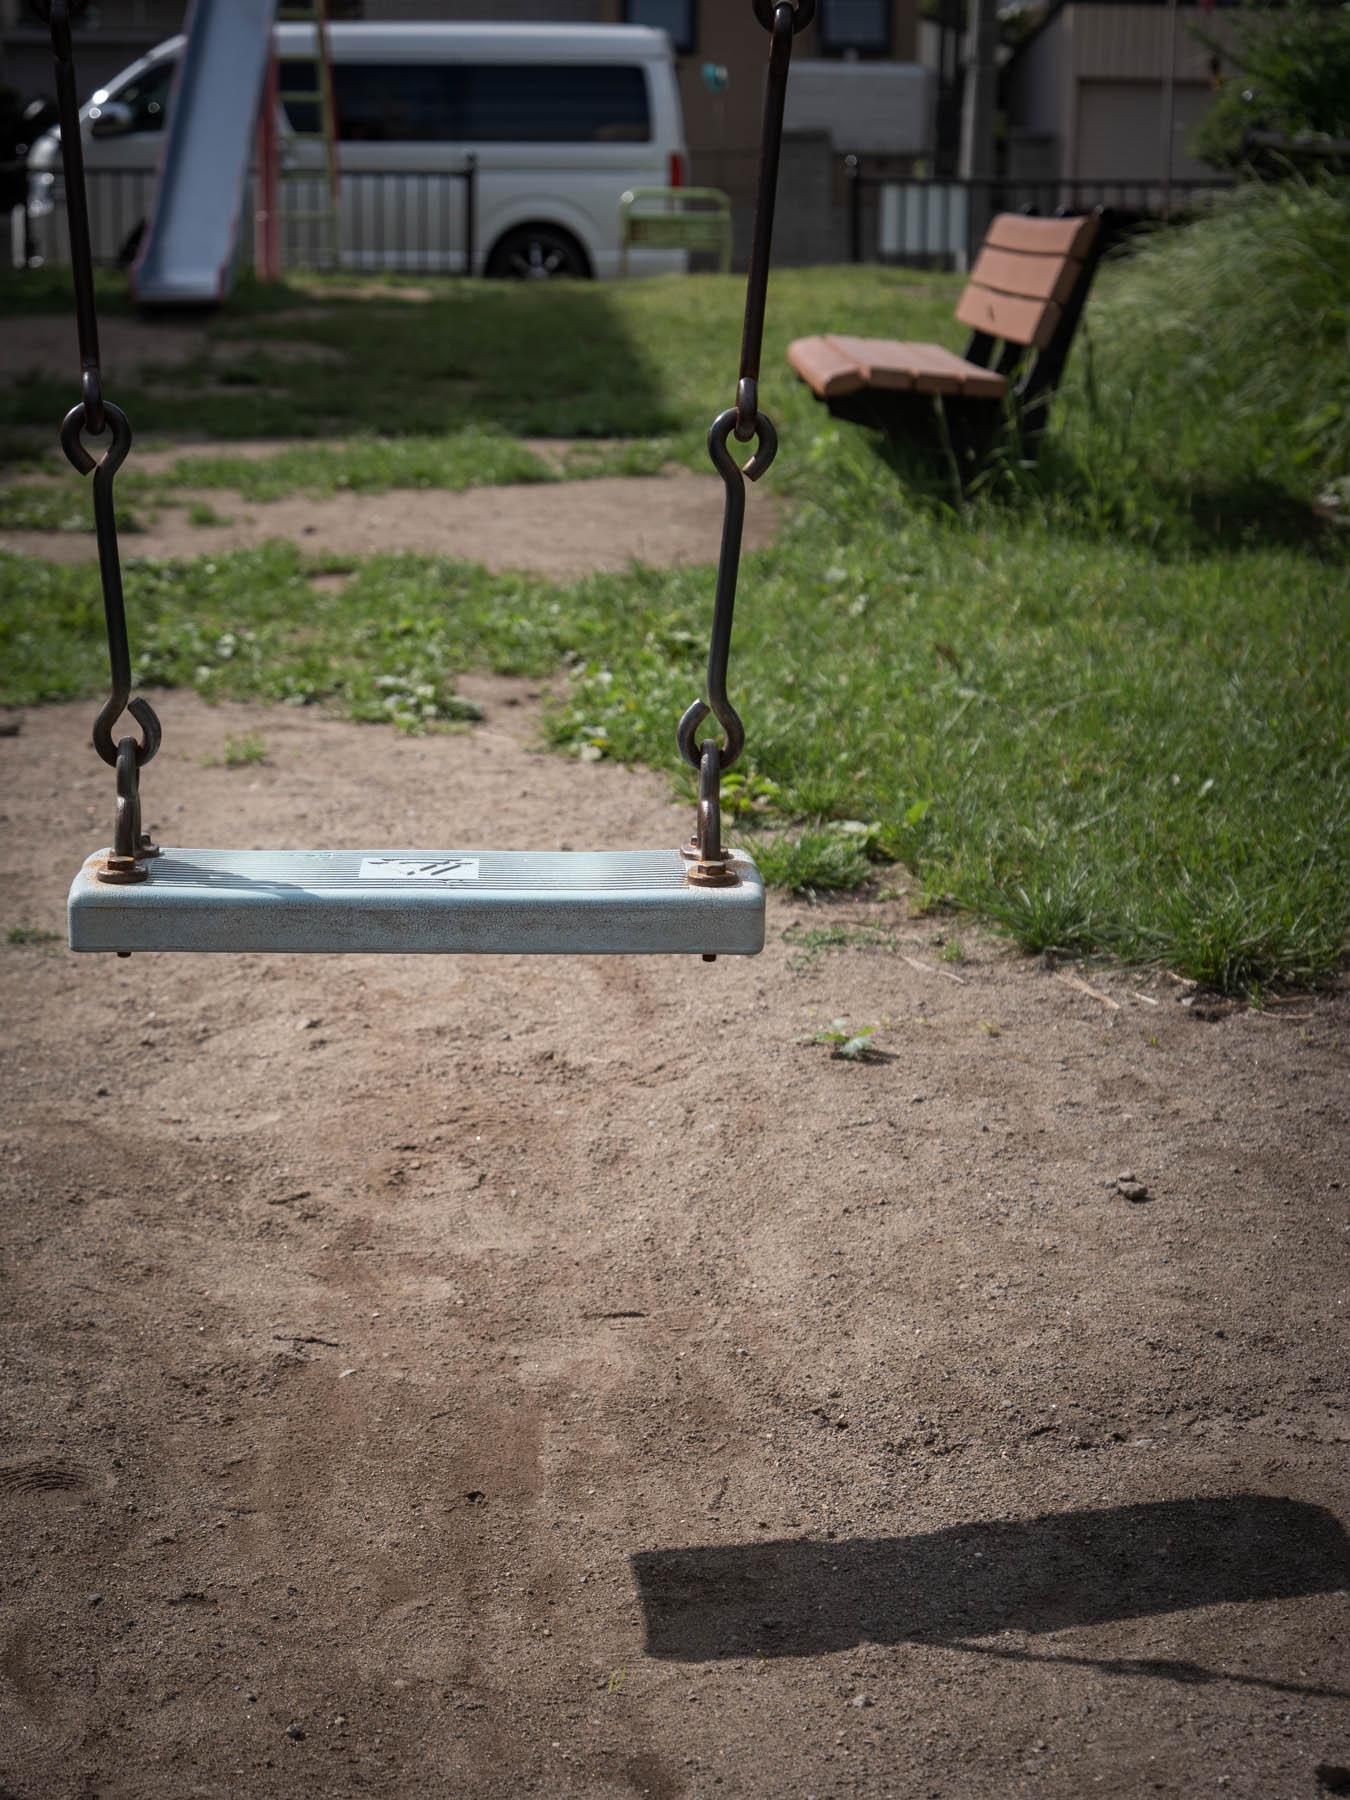 誰もいない公園 自らが落とした影に浮かぶブランコ